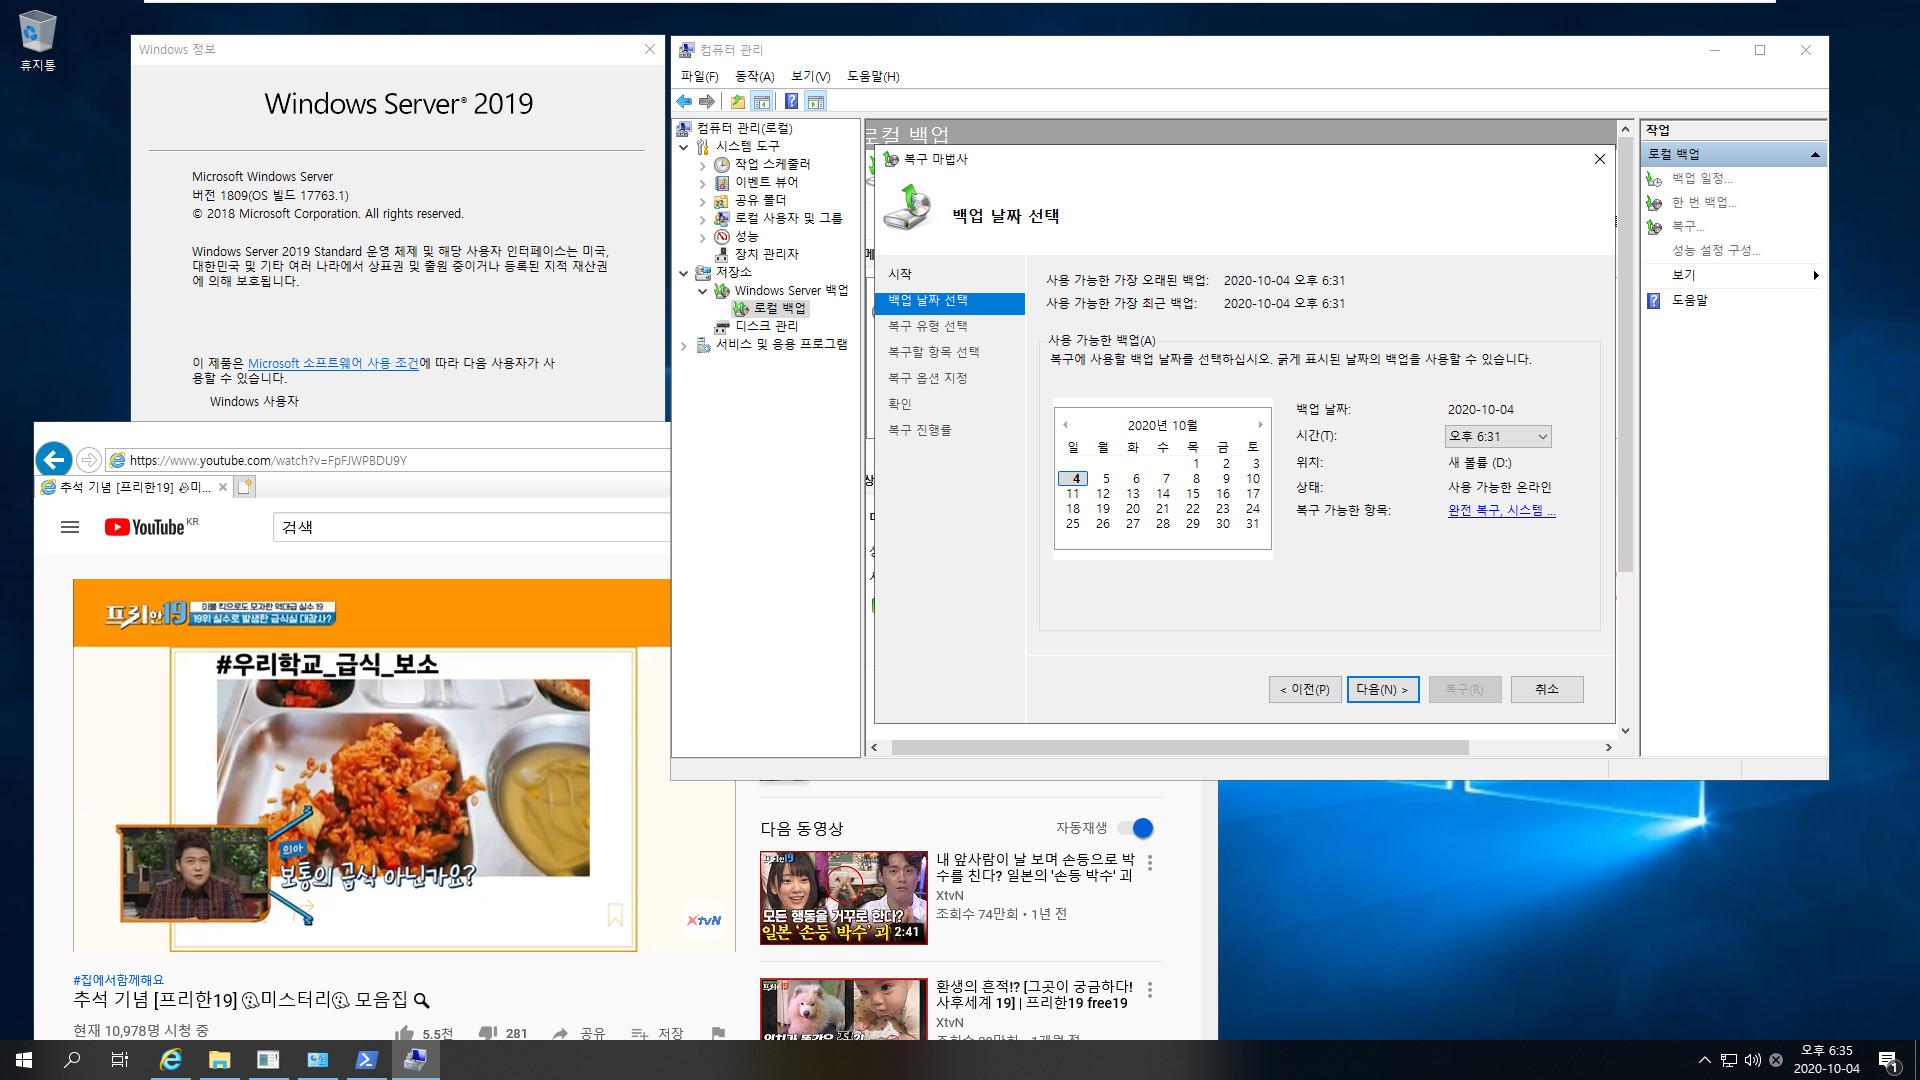 윈도우 서버군은 윈도우 사용중에도 자체 WBadmin 명령으로 윈도우 복구를 합니다 - Windows Server 2019로 복구 테스트 2020-10-04_183503.jpg